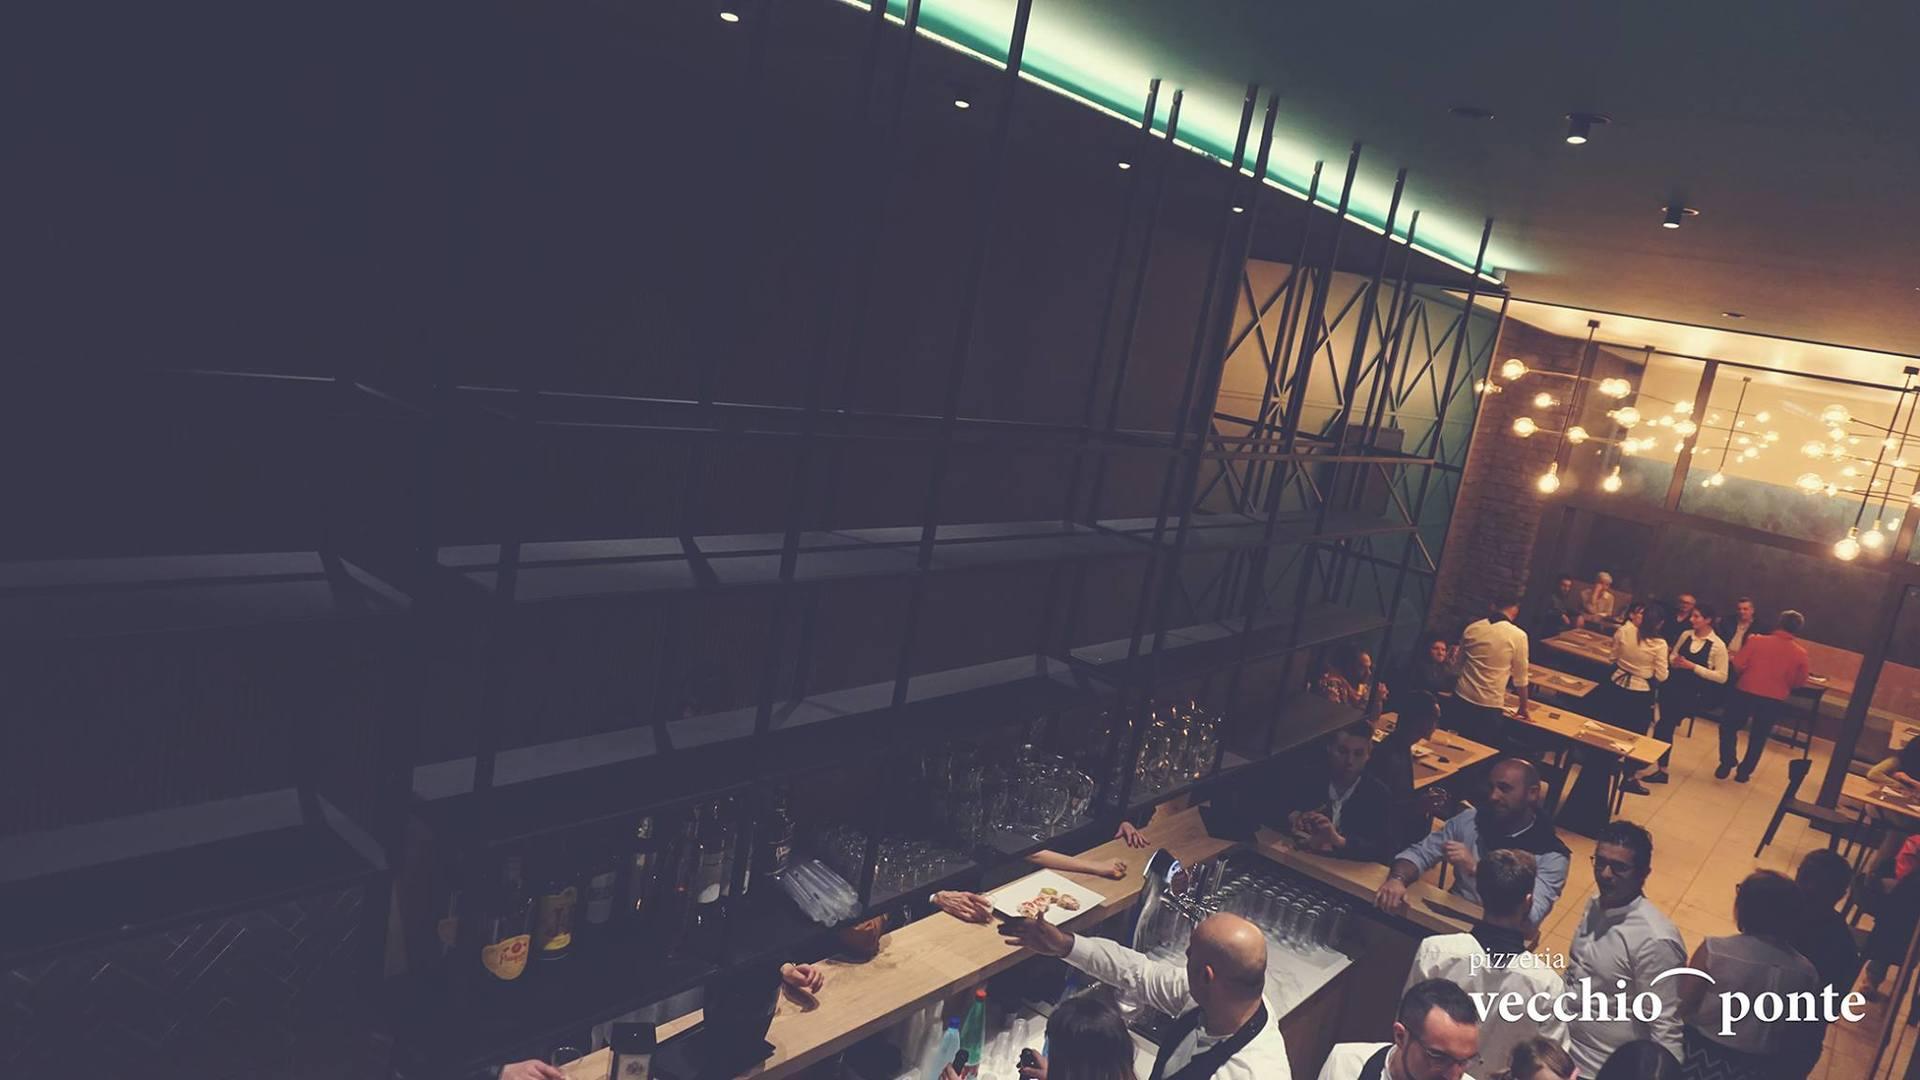 struttura di ferro sopra bancone del bar